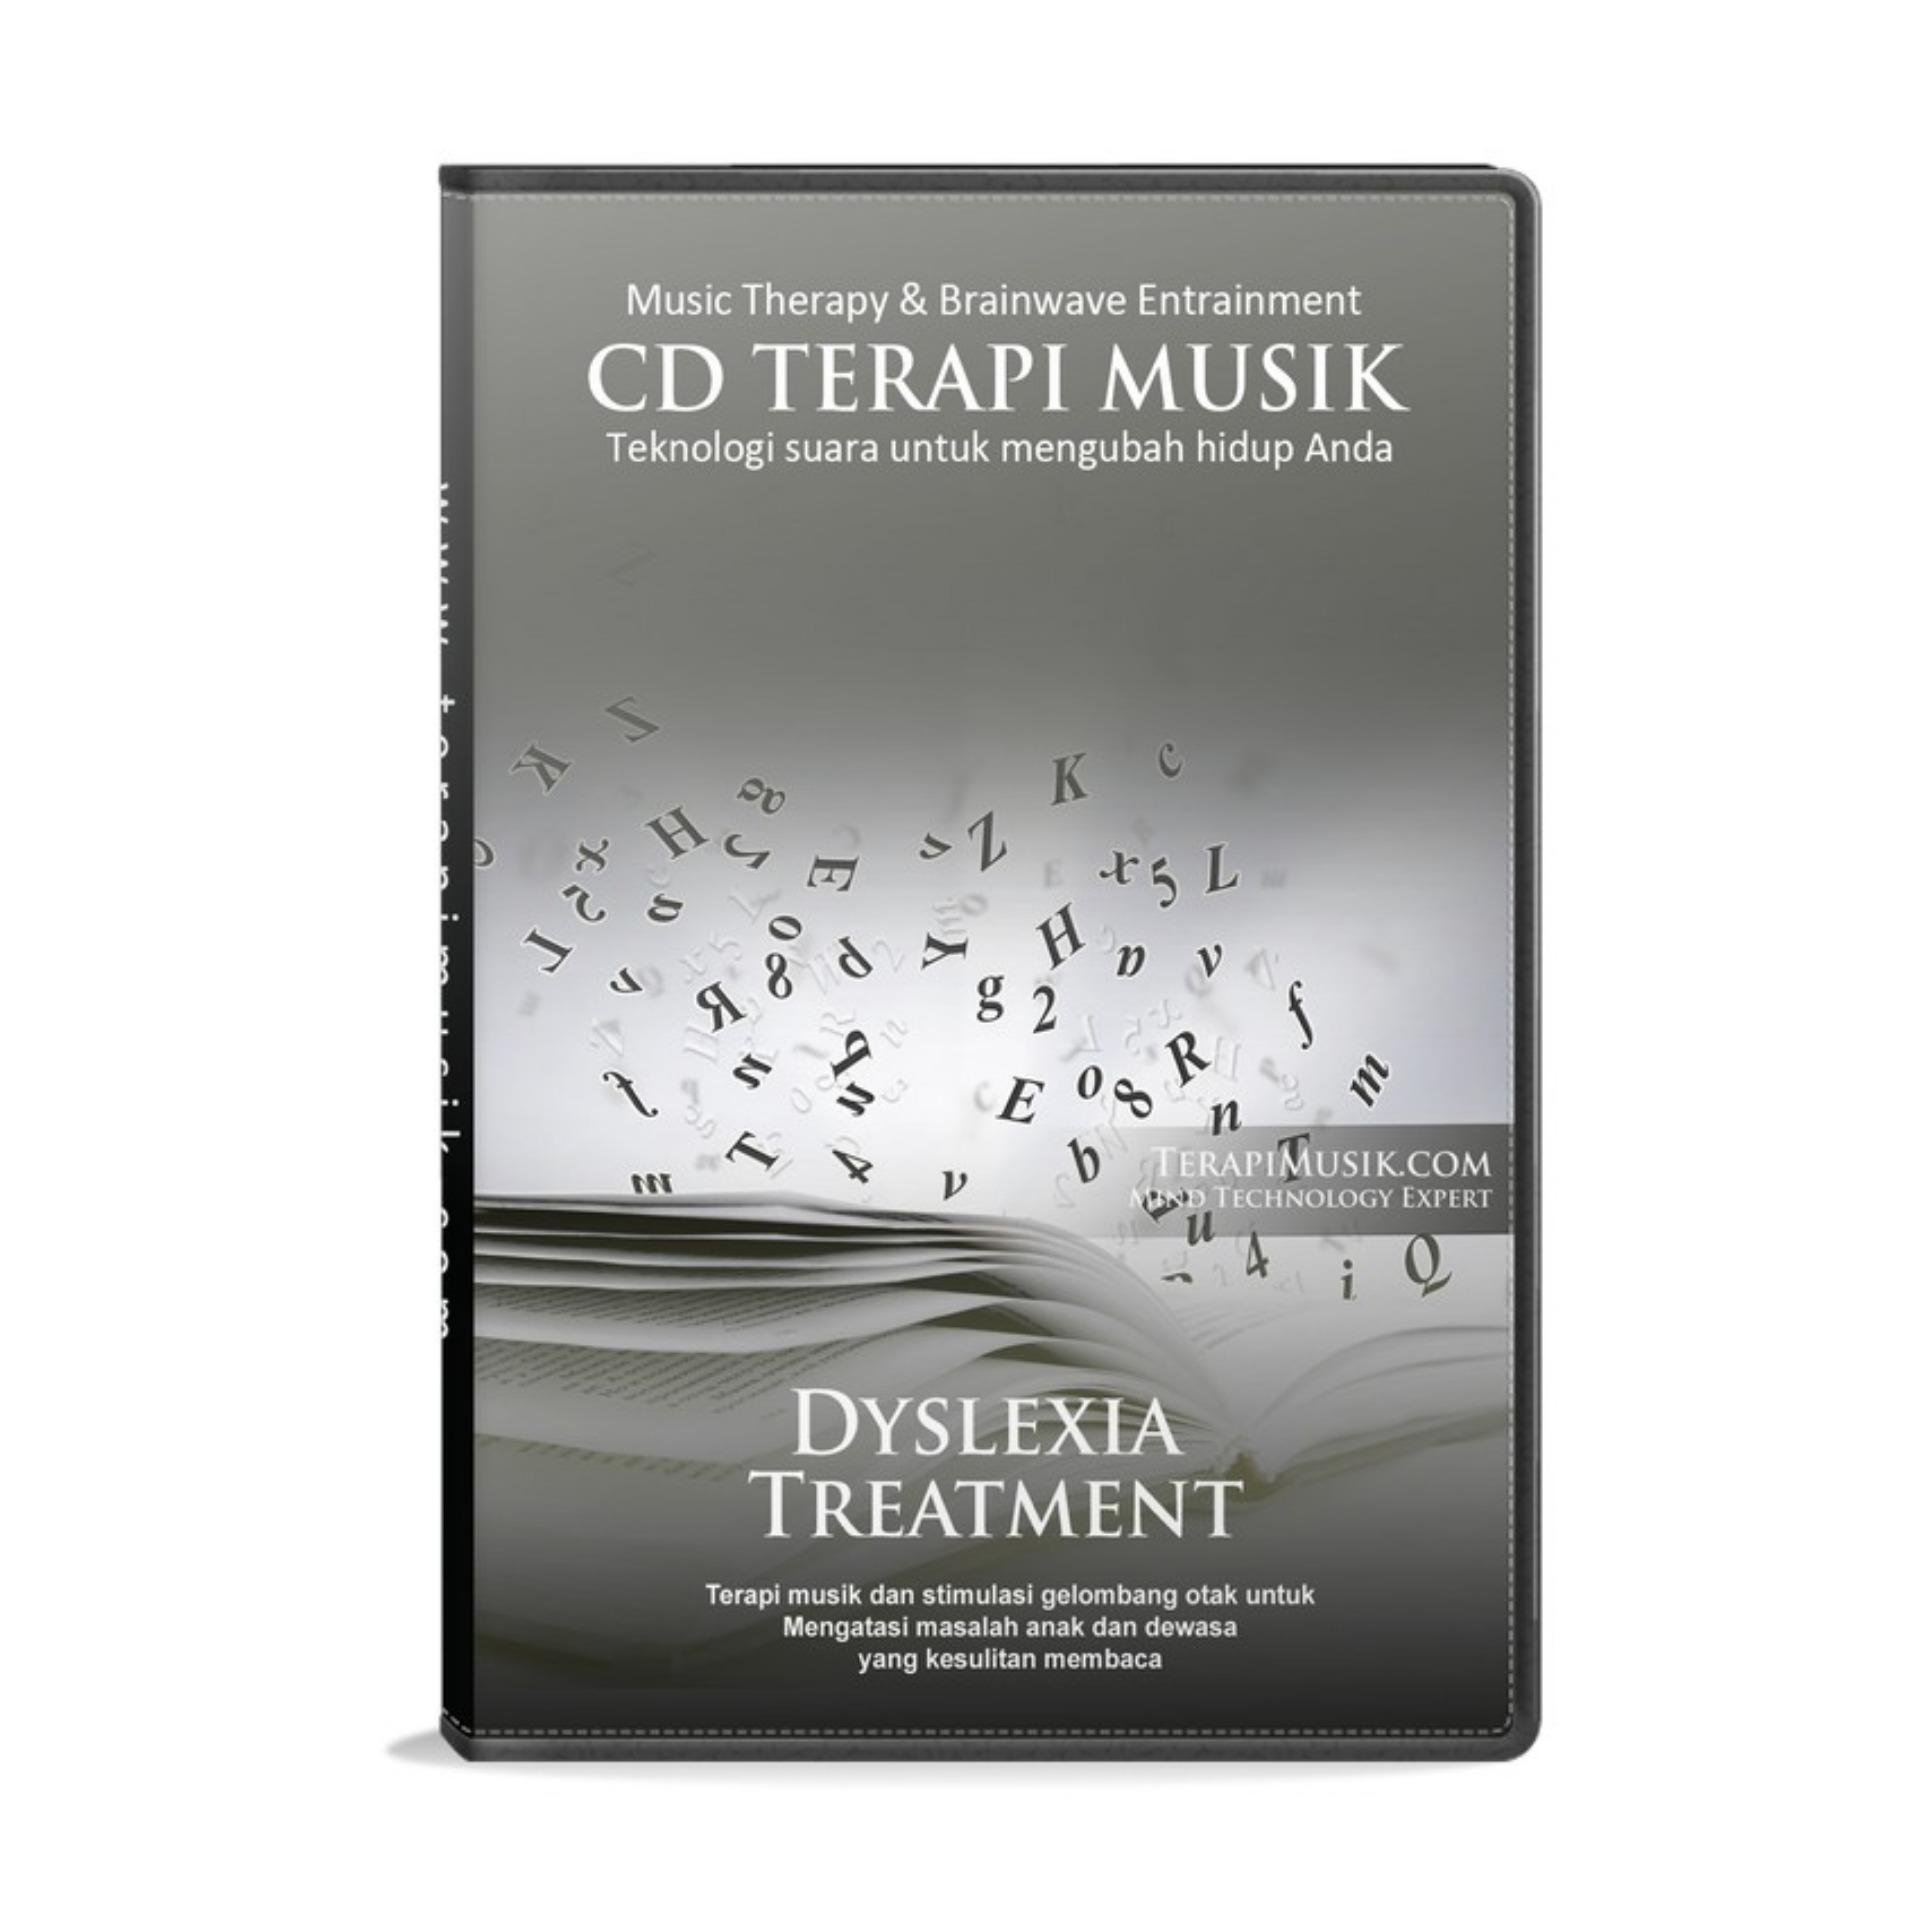 Terapi Musik Dyslexia Treatment (mengatasi Kesulitan Membaca Karena Disleksia) By Terapi Musik.